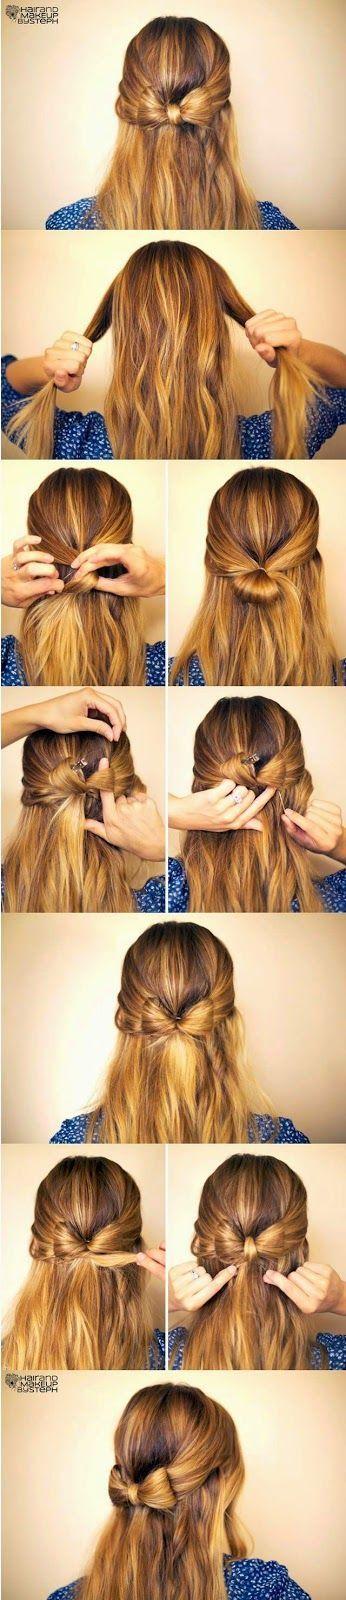 13 peinados fáciles explicados paso a paso: